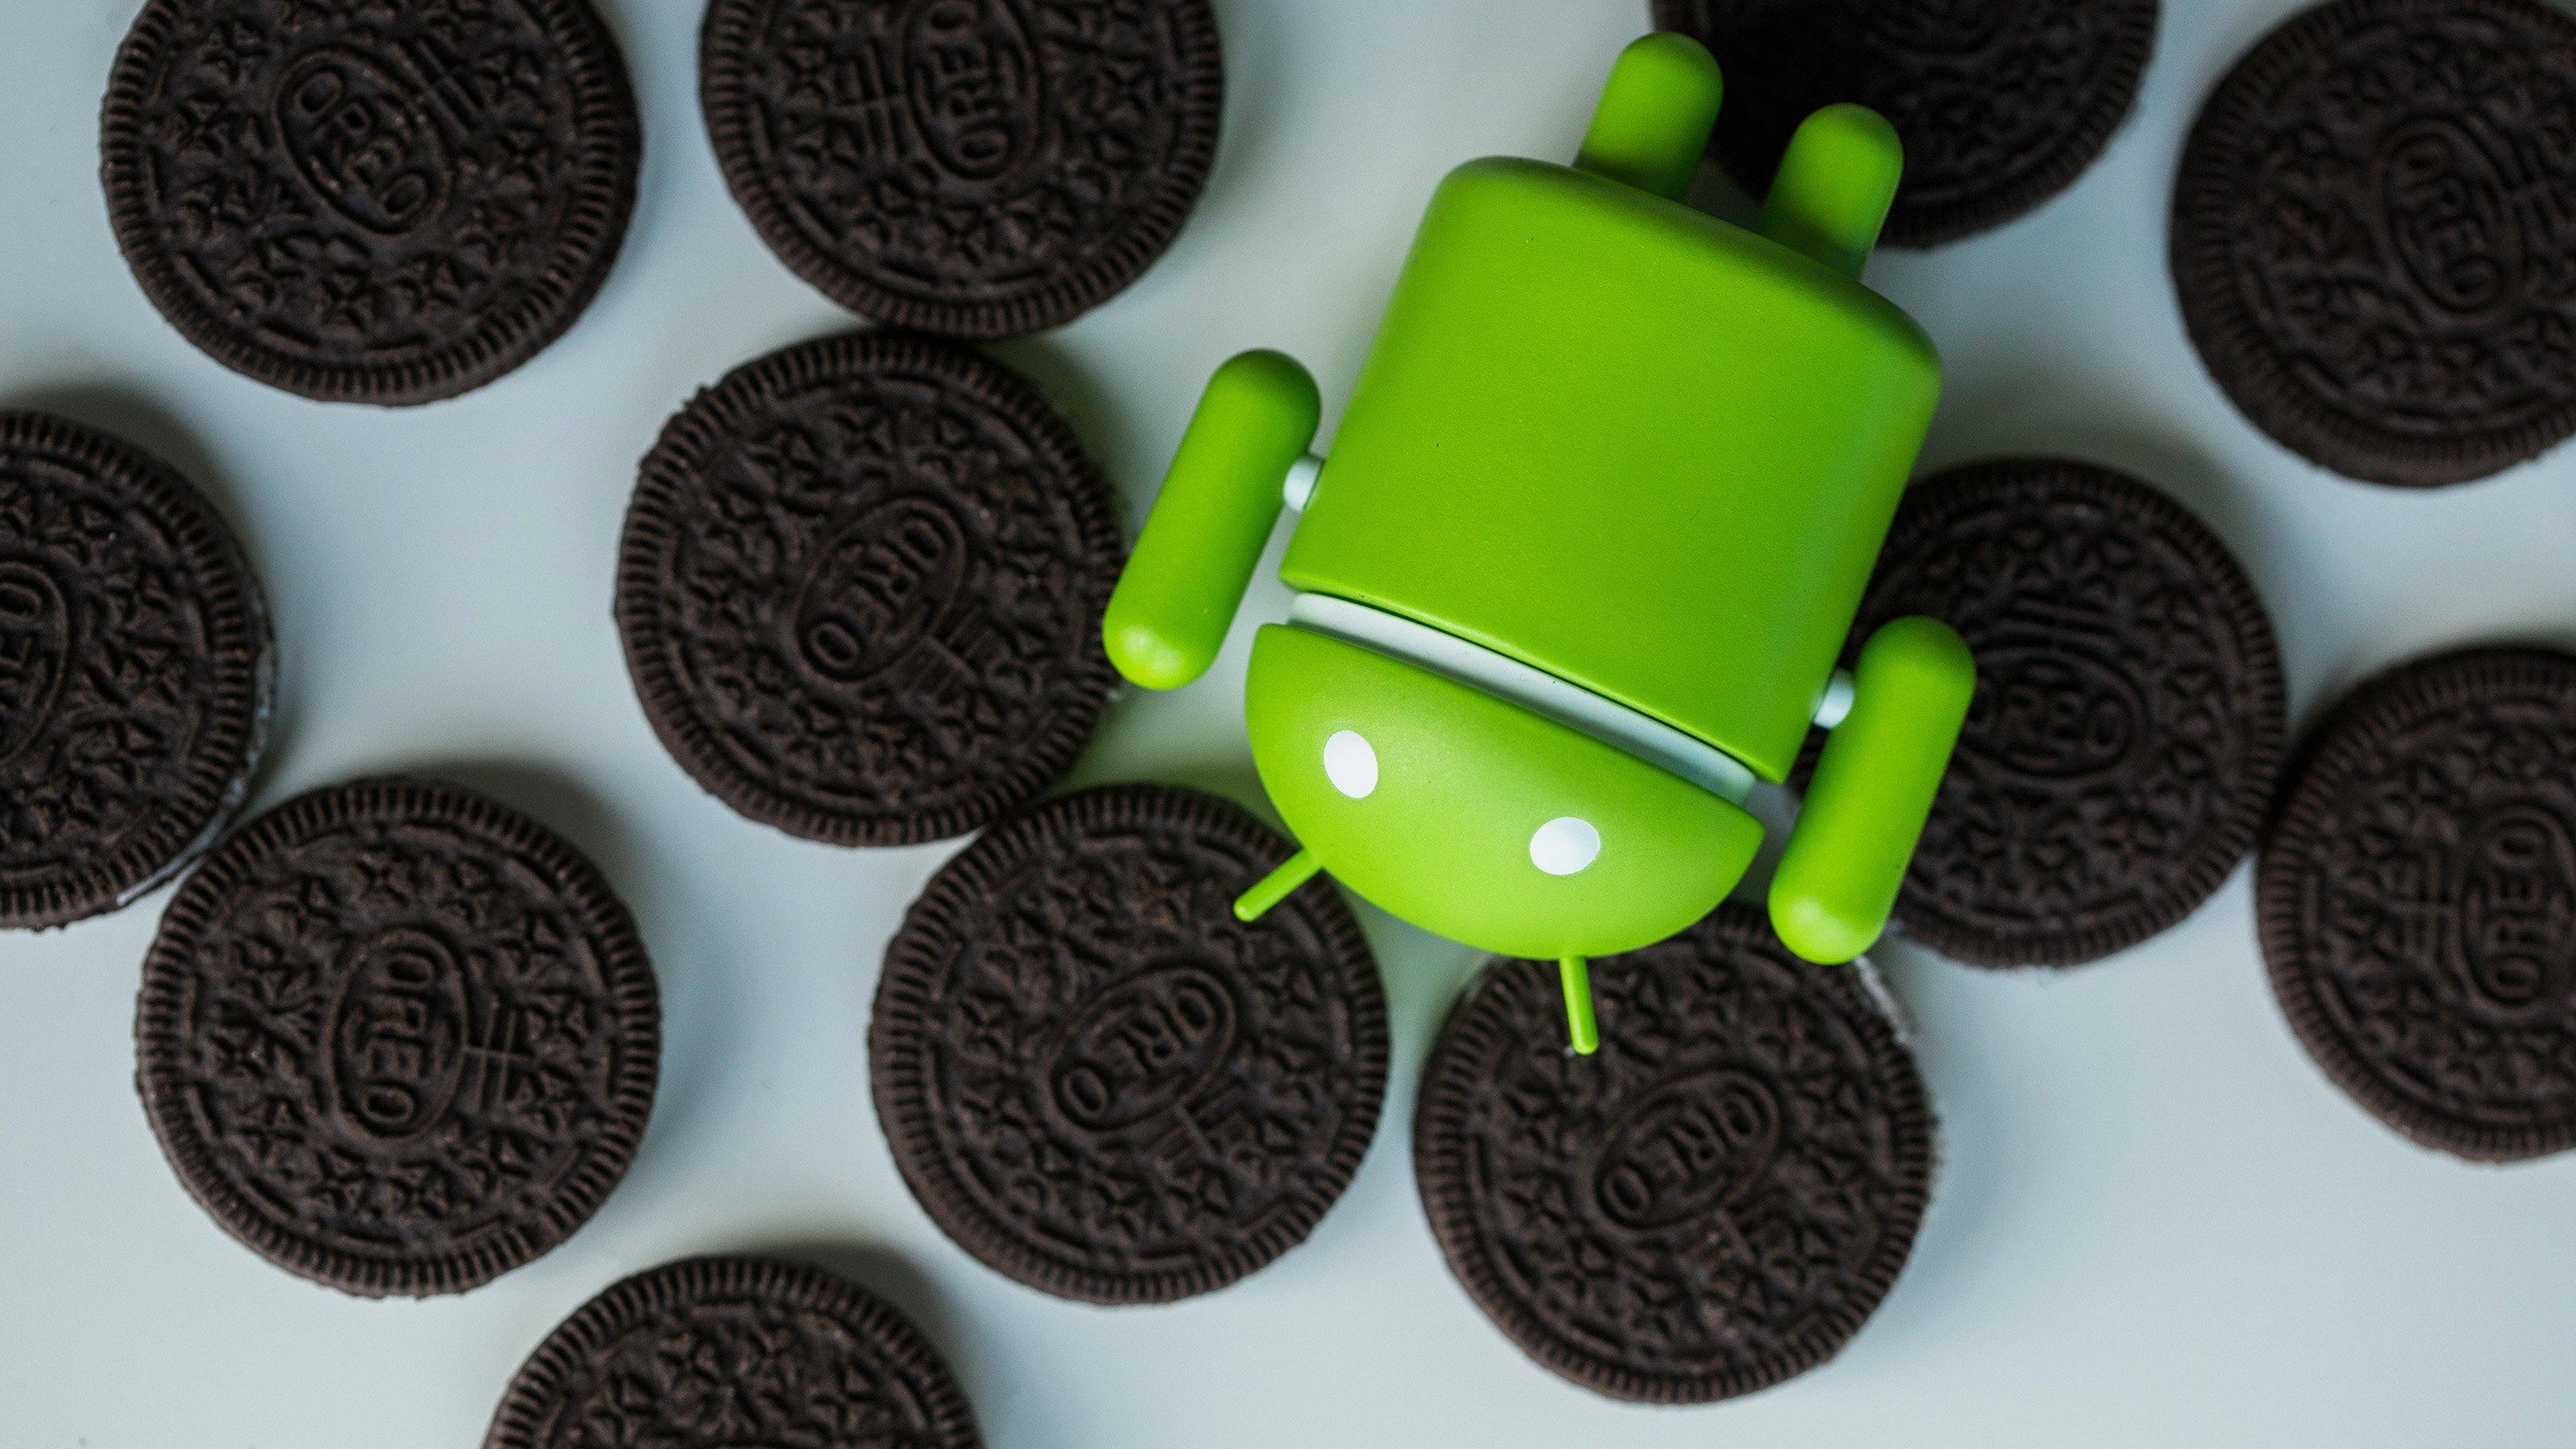 Android O 8.0: lista de aparelhos que podem receber a nova versão do Android